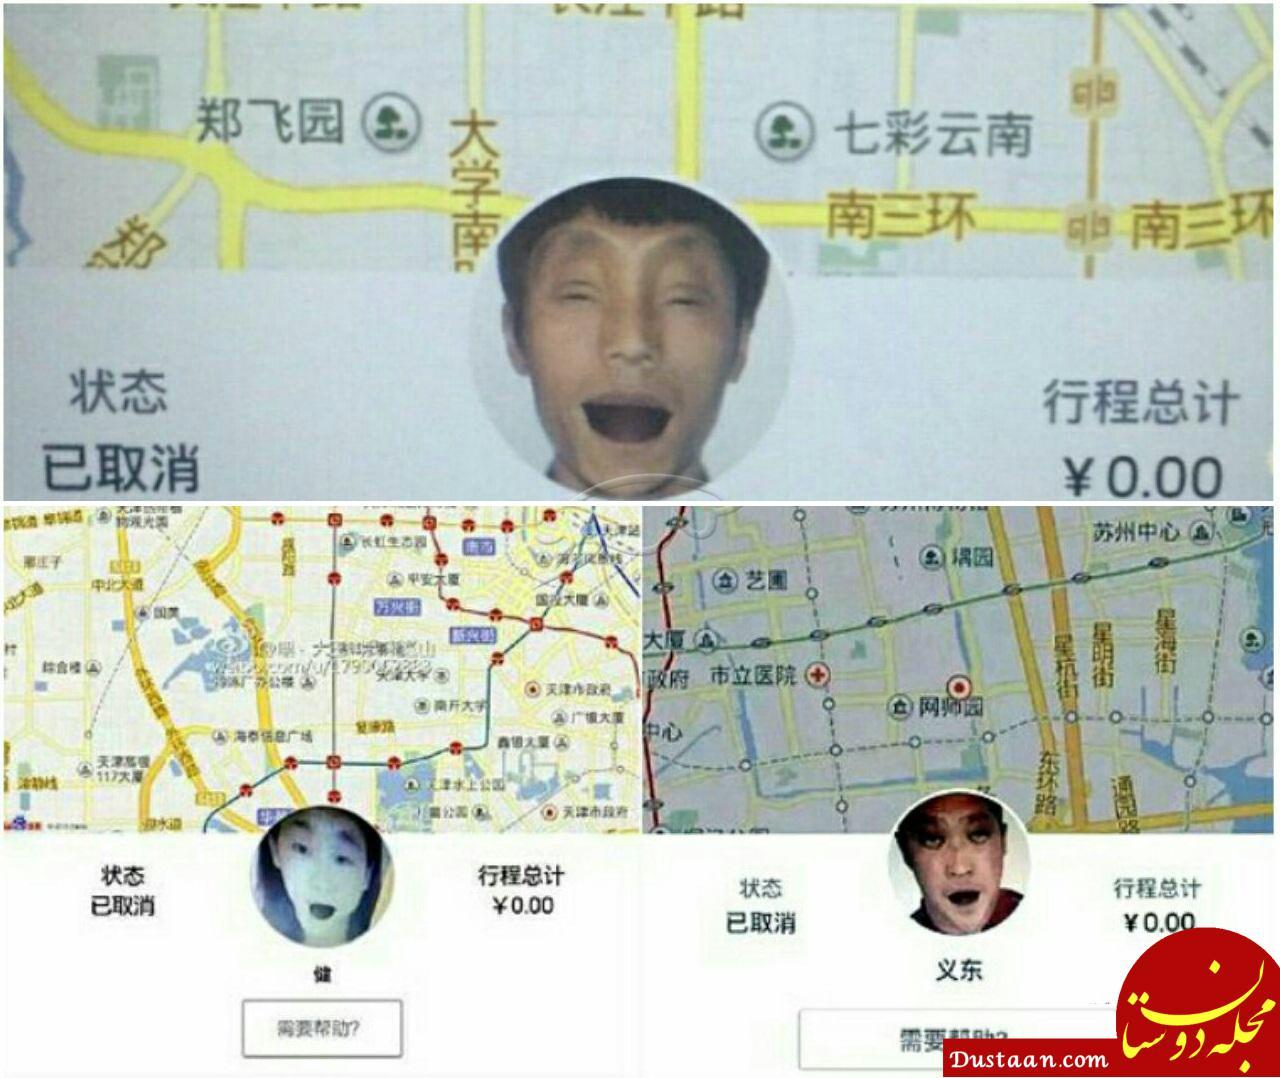 اقدام عجیب رانندگان چینی برای کسب درآمد بیشتر! +عکس